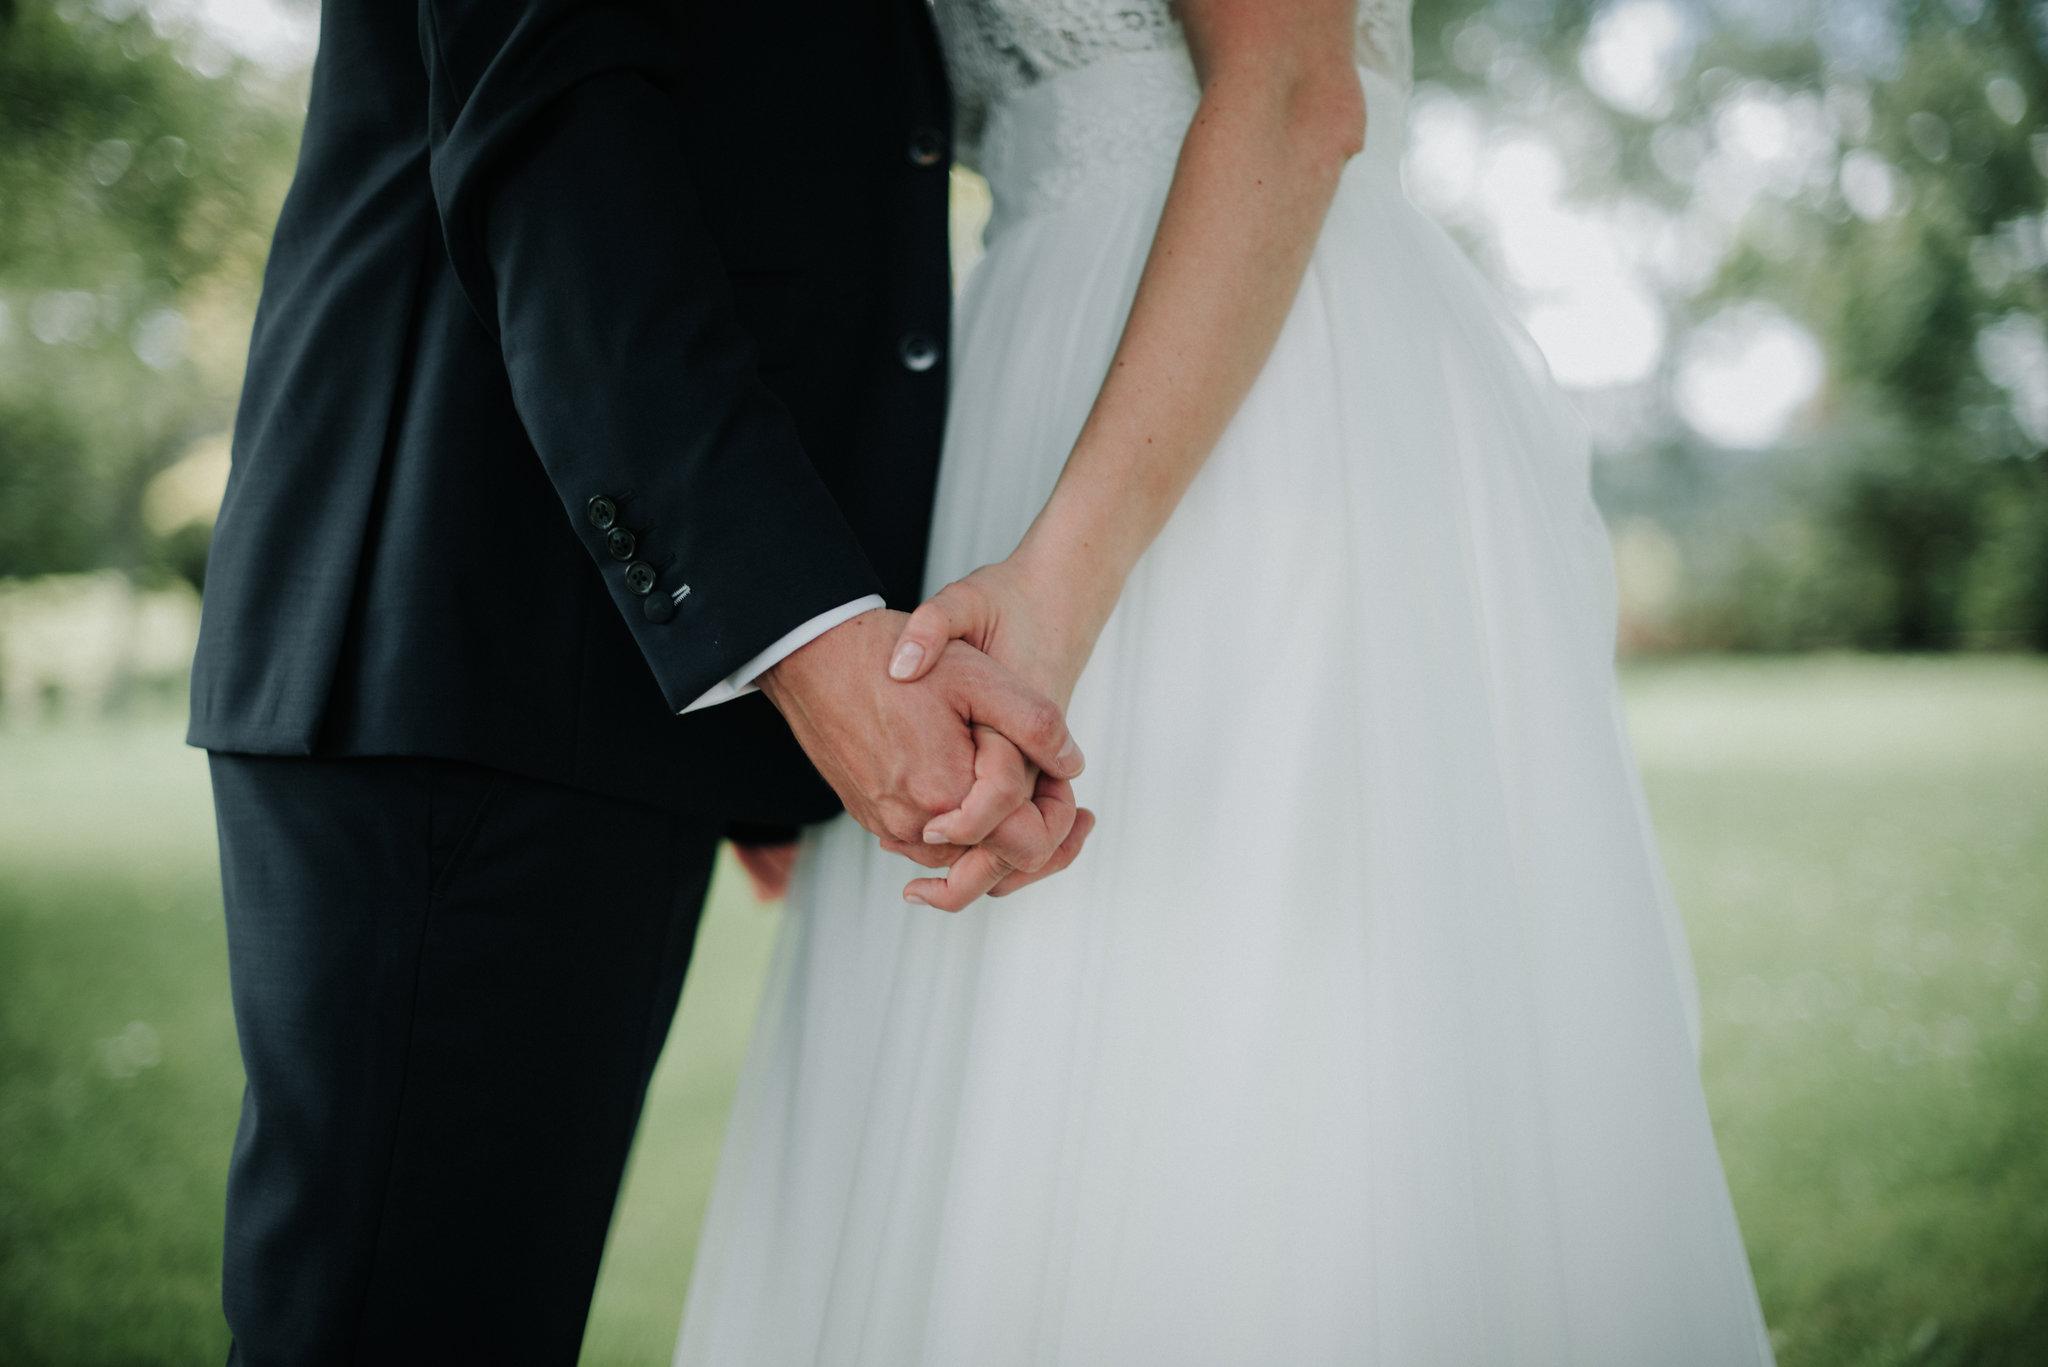 Léa-Fery-photographe-professionnel-lyon-rhone-alpes-portrait-creation-mariage-evenement-evenementiel-famille-2289.jpg